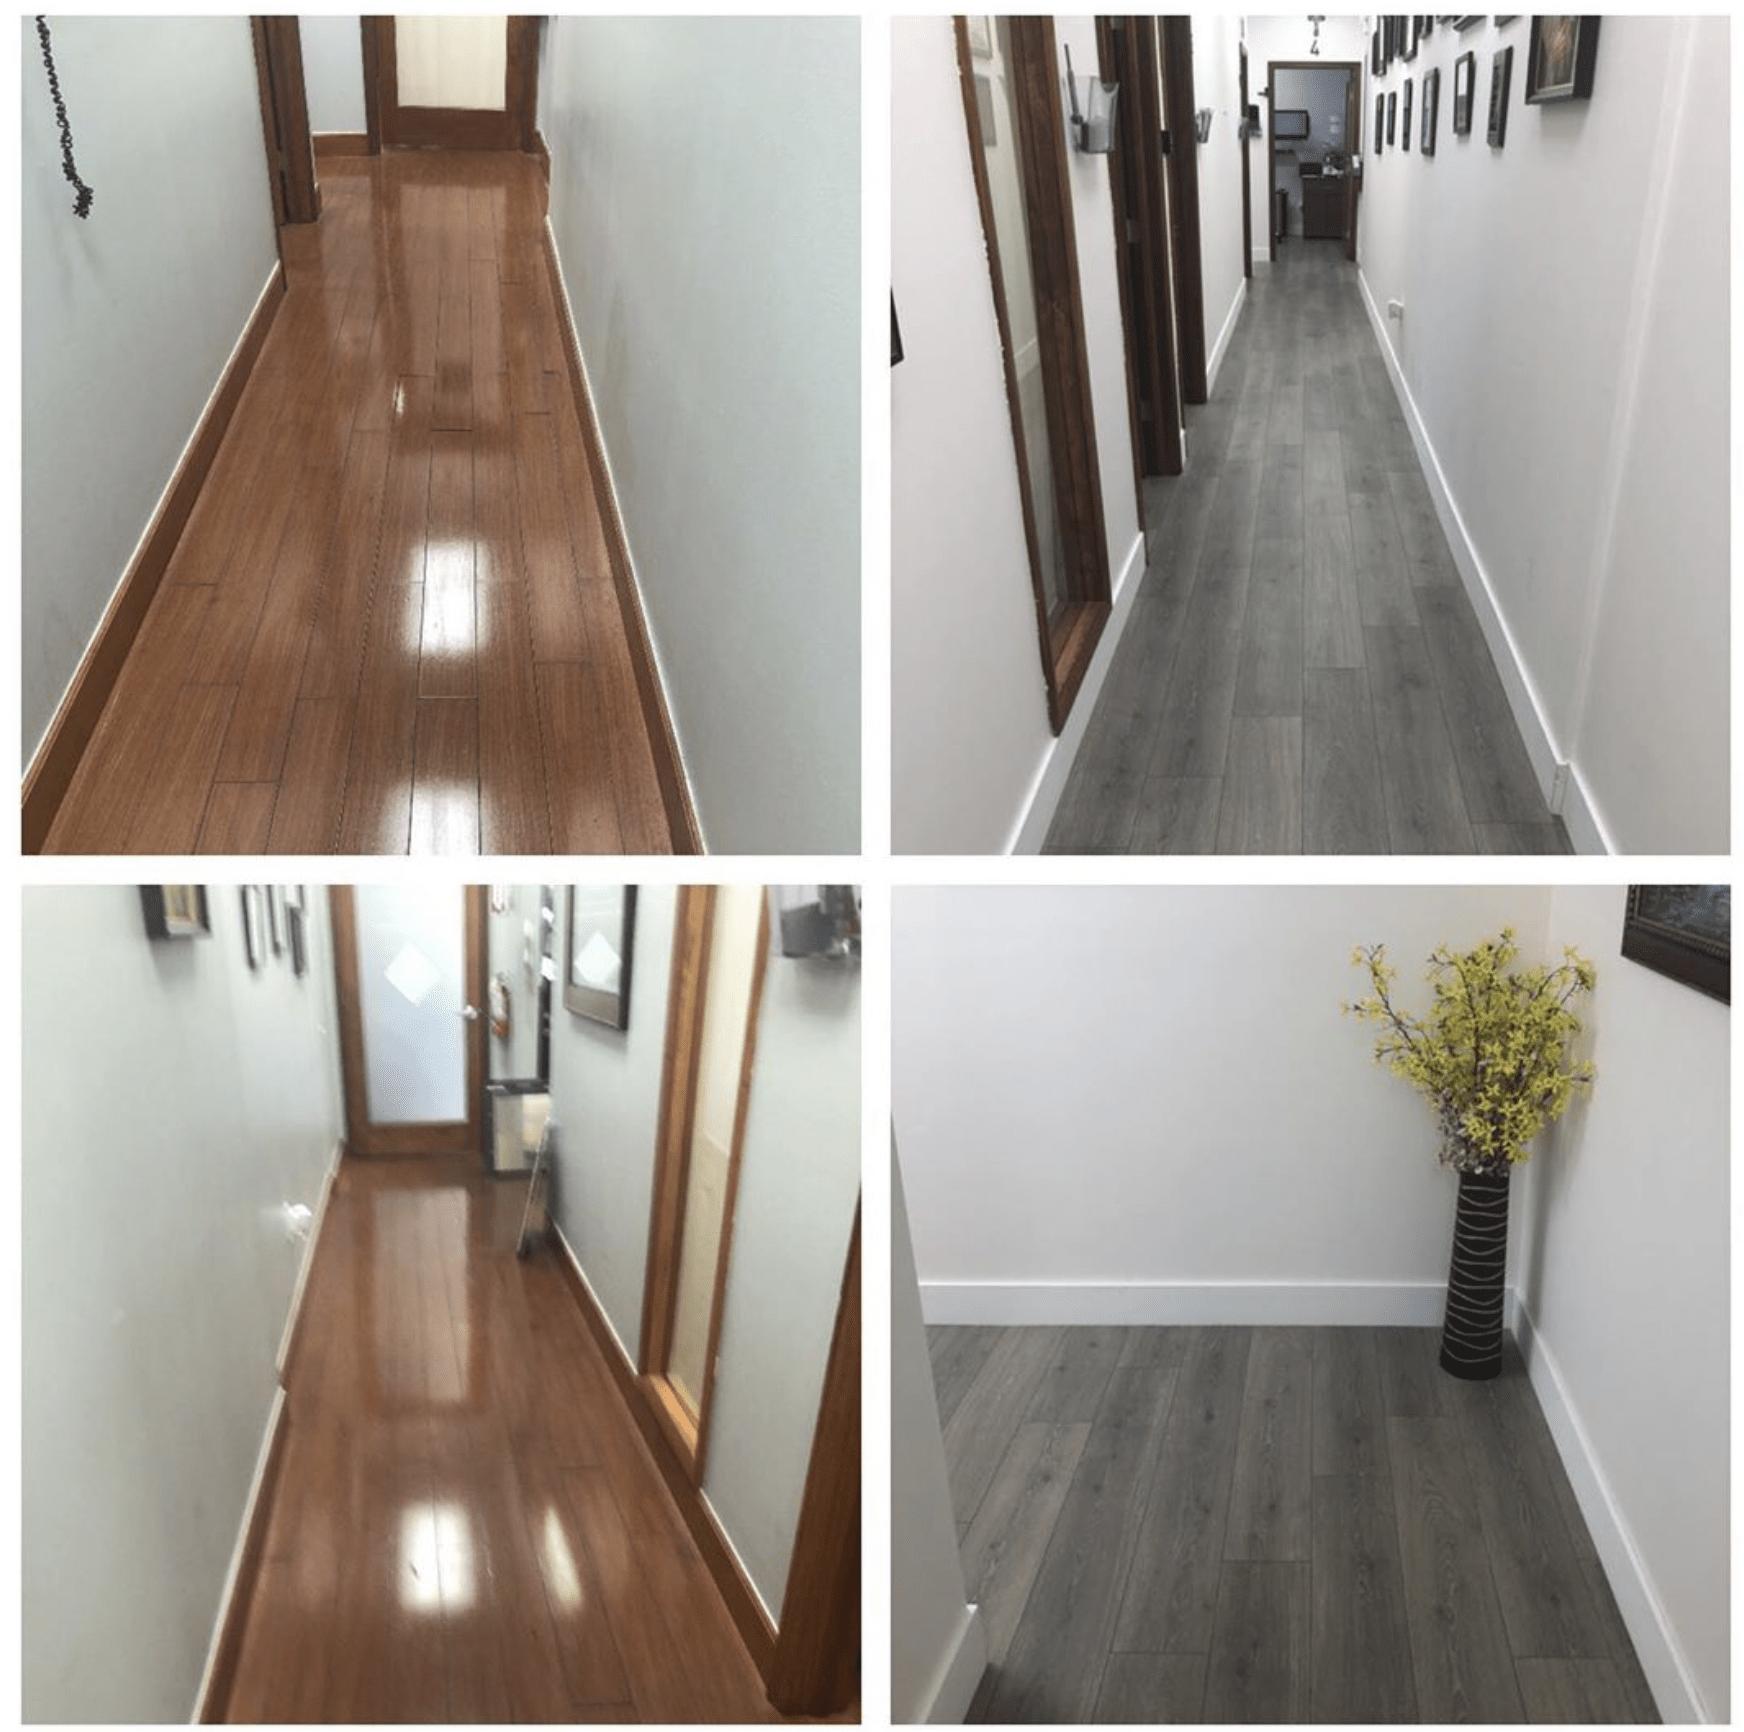 Wood flooring in Aventura, FL from Global Wood Floors